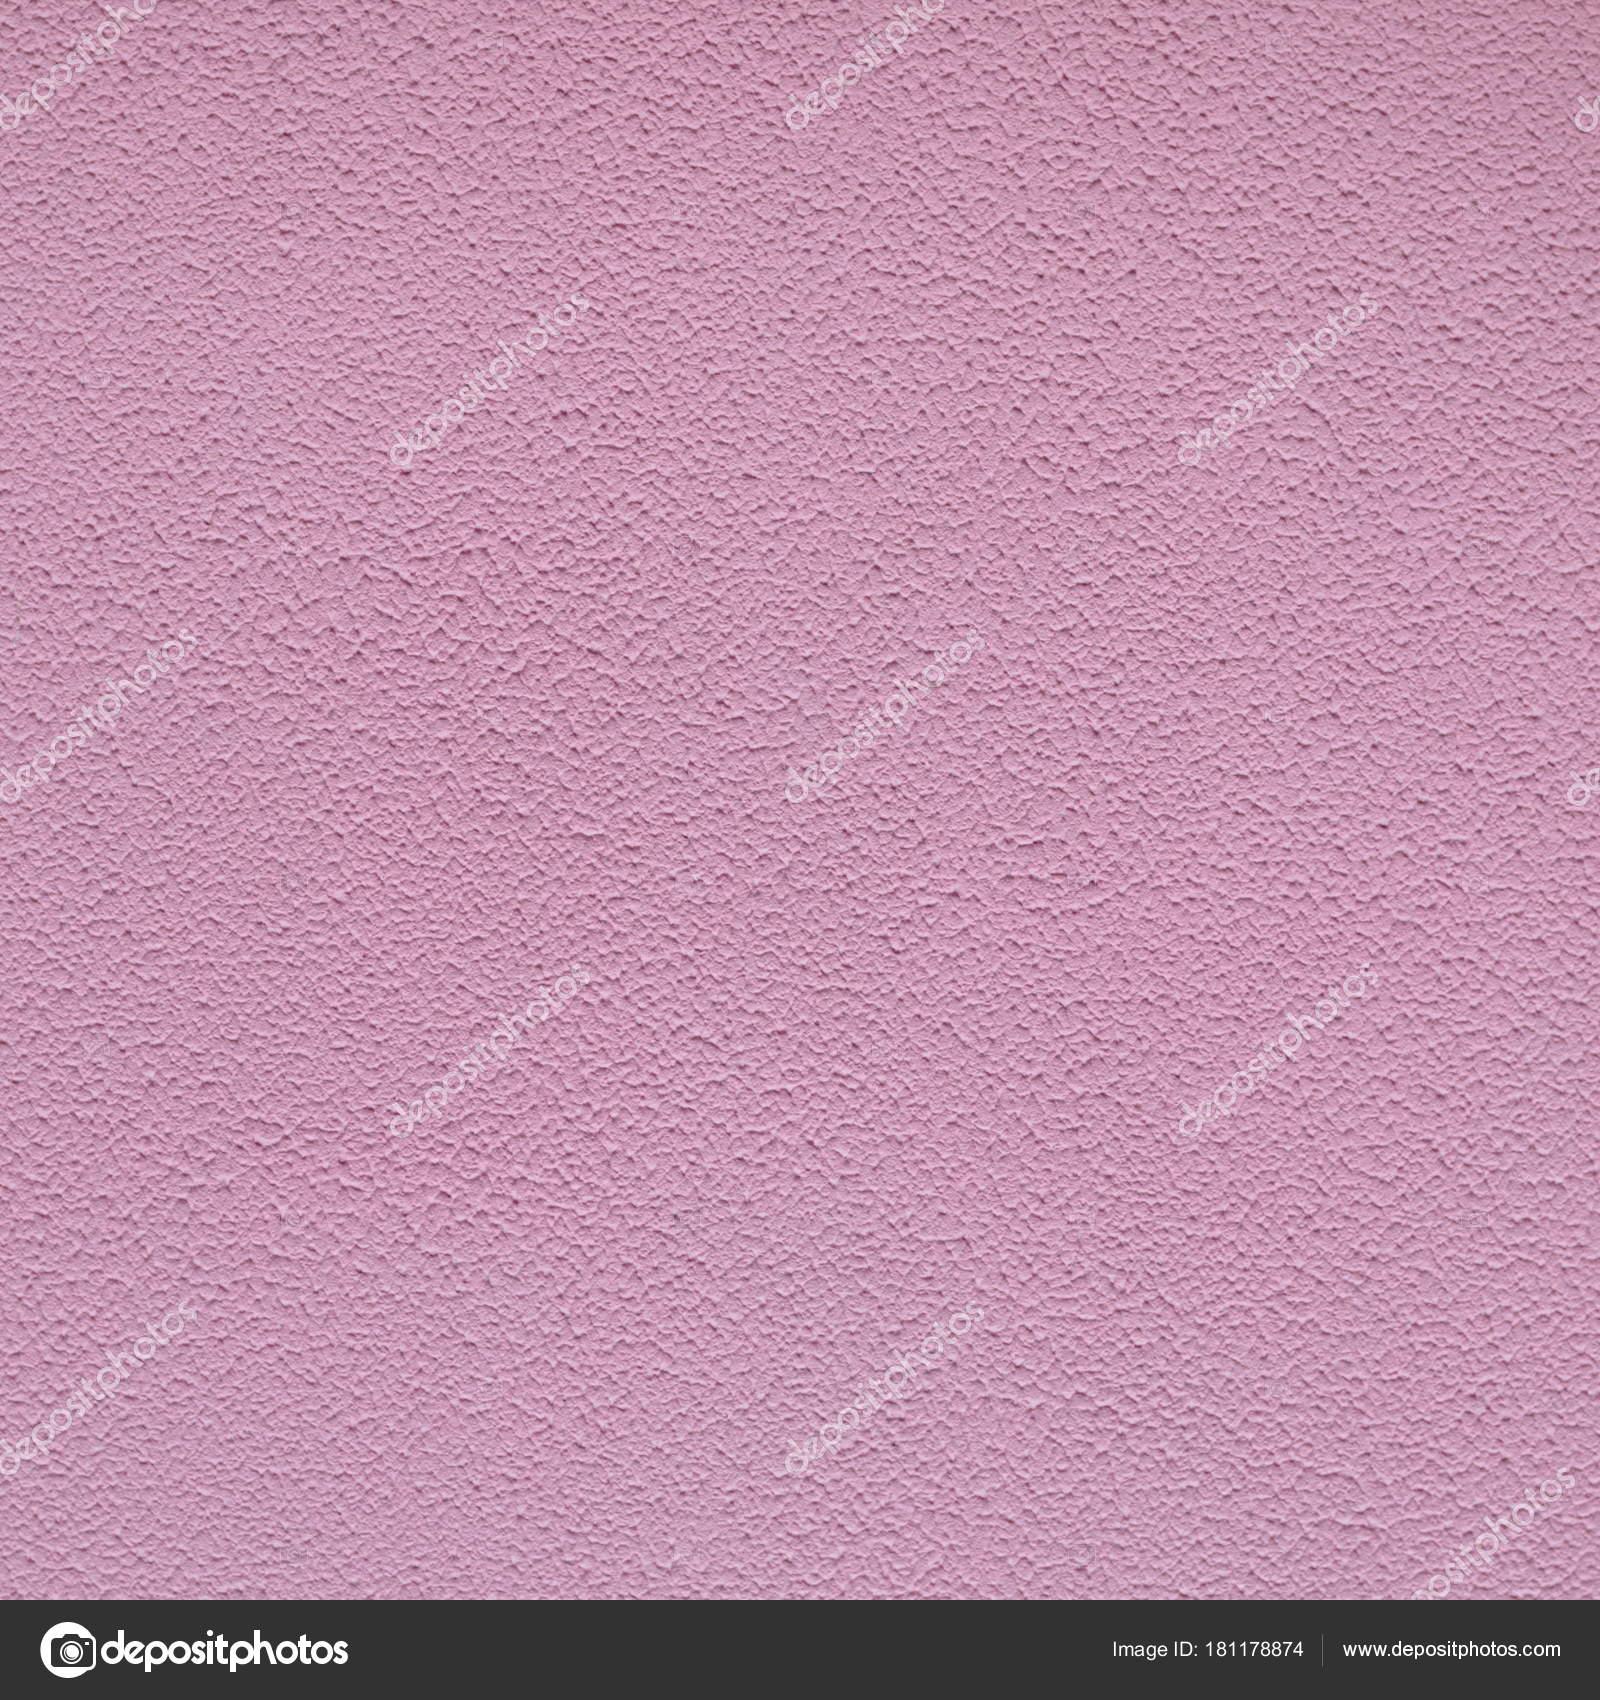 Good Hintergrund Von Einem Dunklen Rosa Stuck überzogen Und Bemalt Außen, Raue  Stimmen Von Zement Und Beton Wand Textur, Dekorative Beschichtung U2014 Foto  Von ...